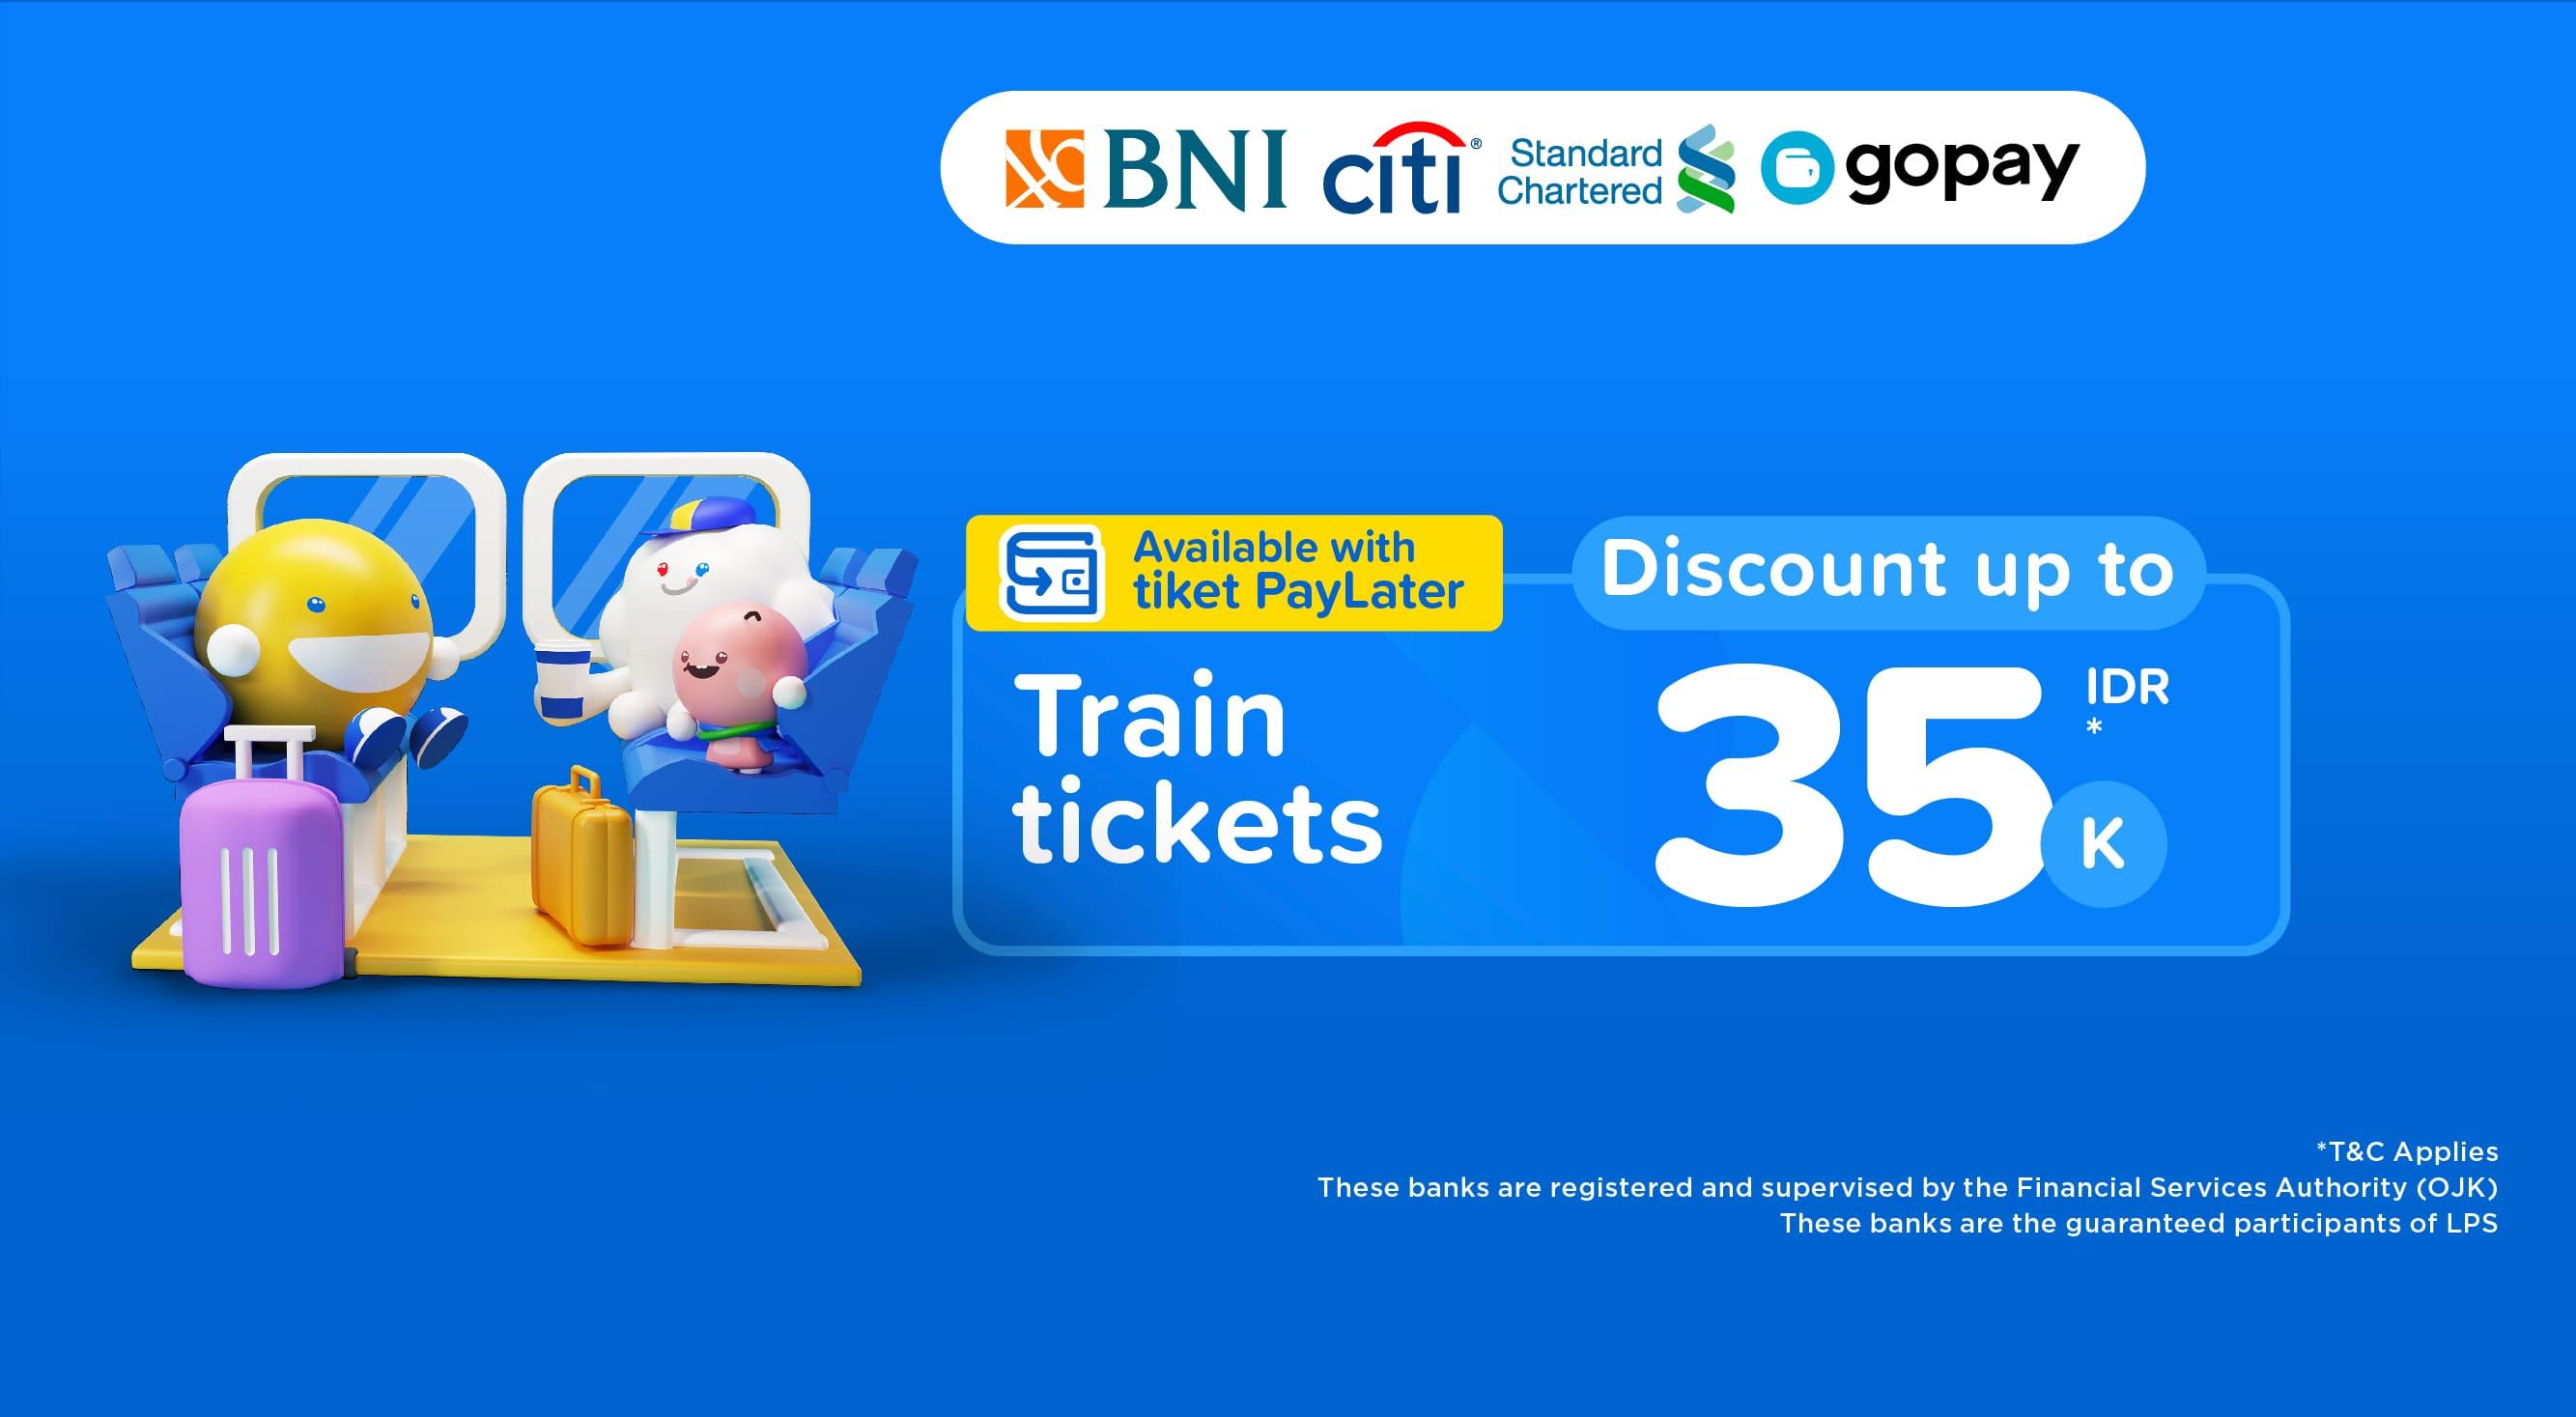 Train ticket discount 35,000 IDR